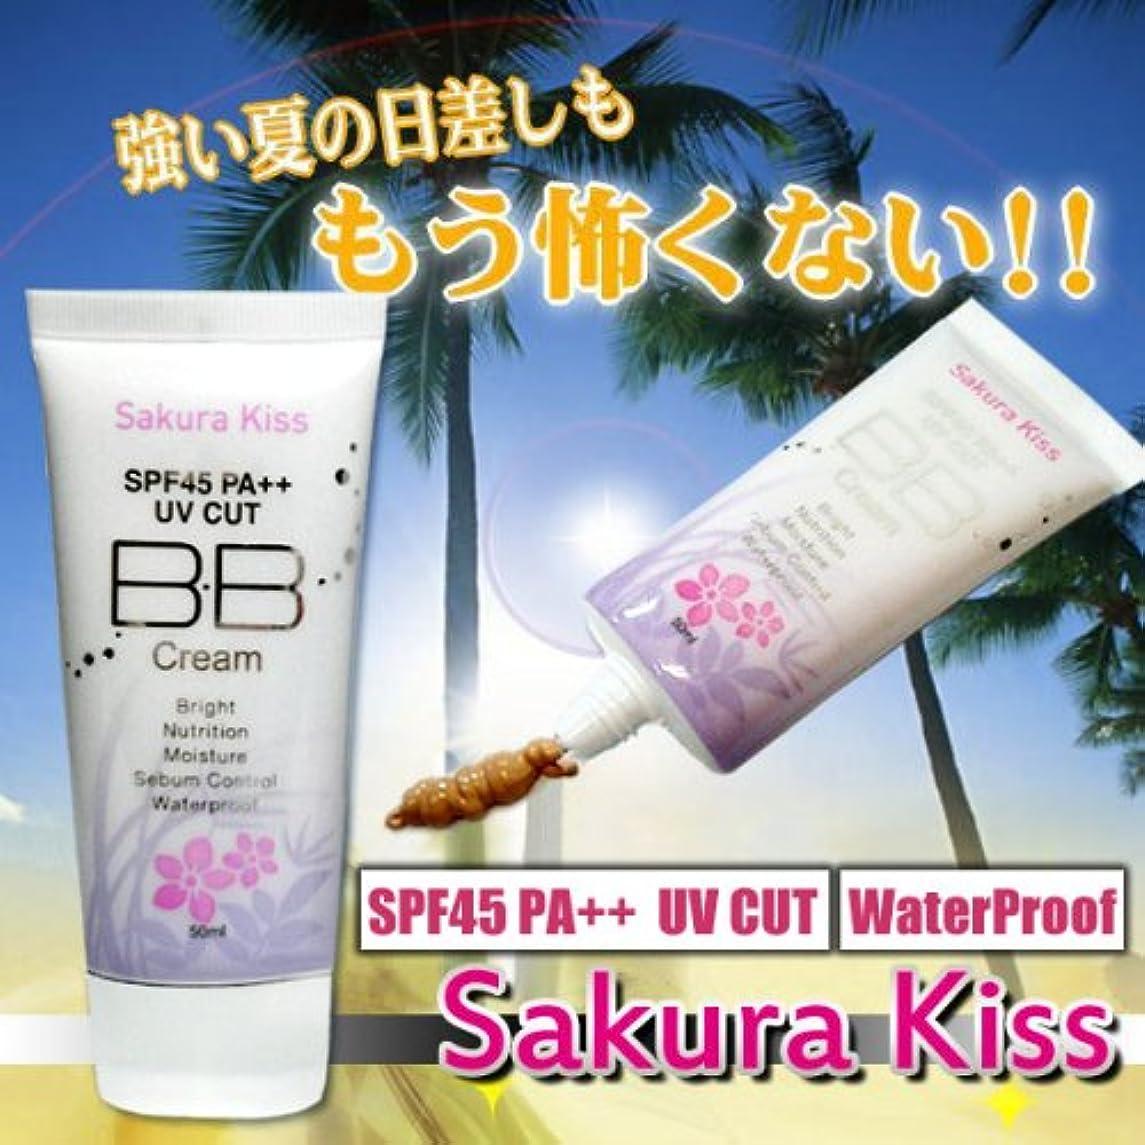 テンポダム必要条件Sakura Kiss BBクリーム UVプロテクト SPF45PA++ 50ml